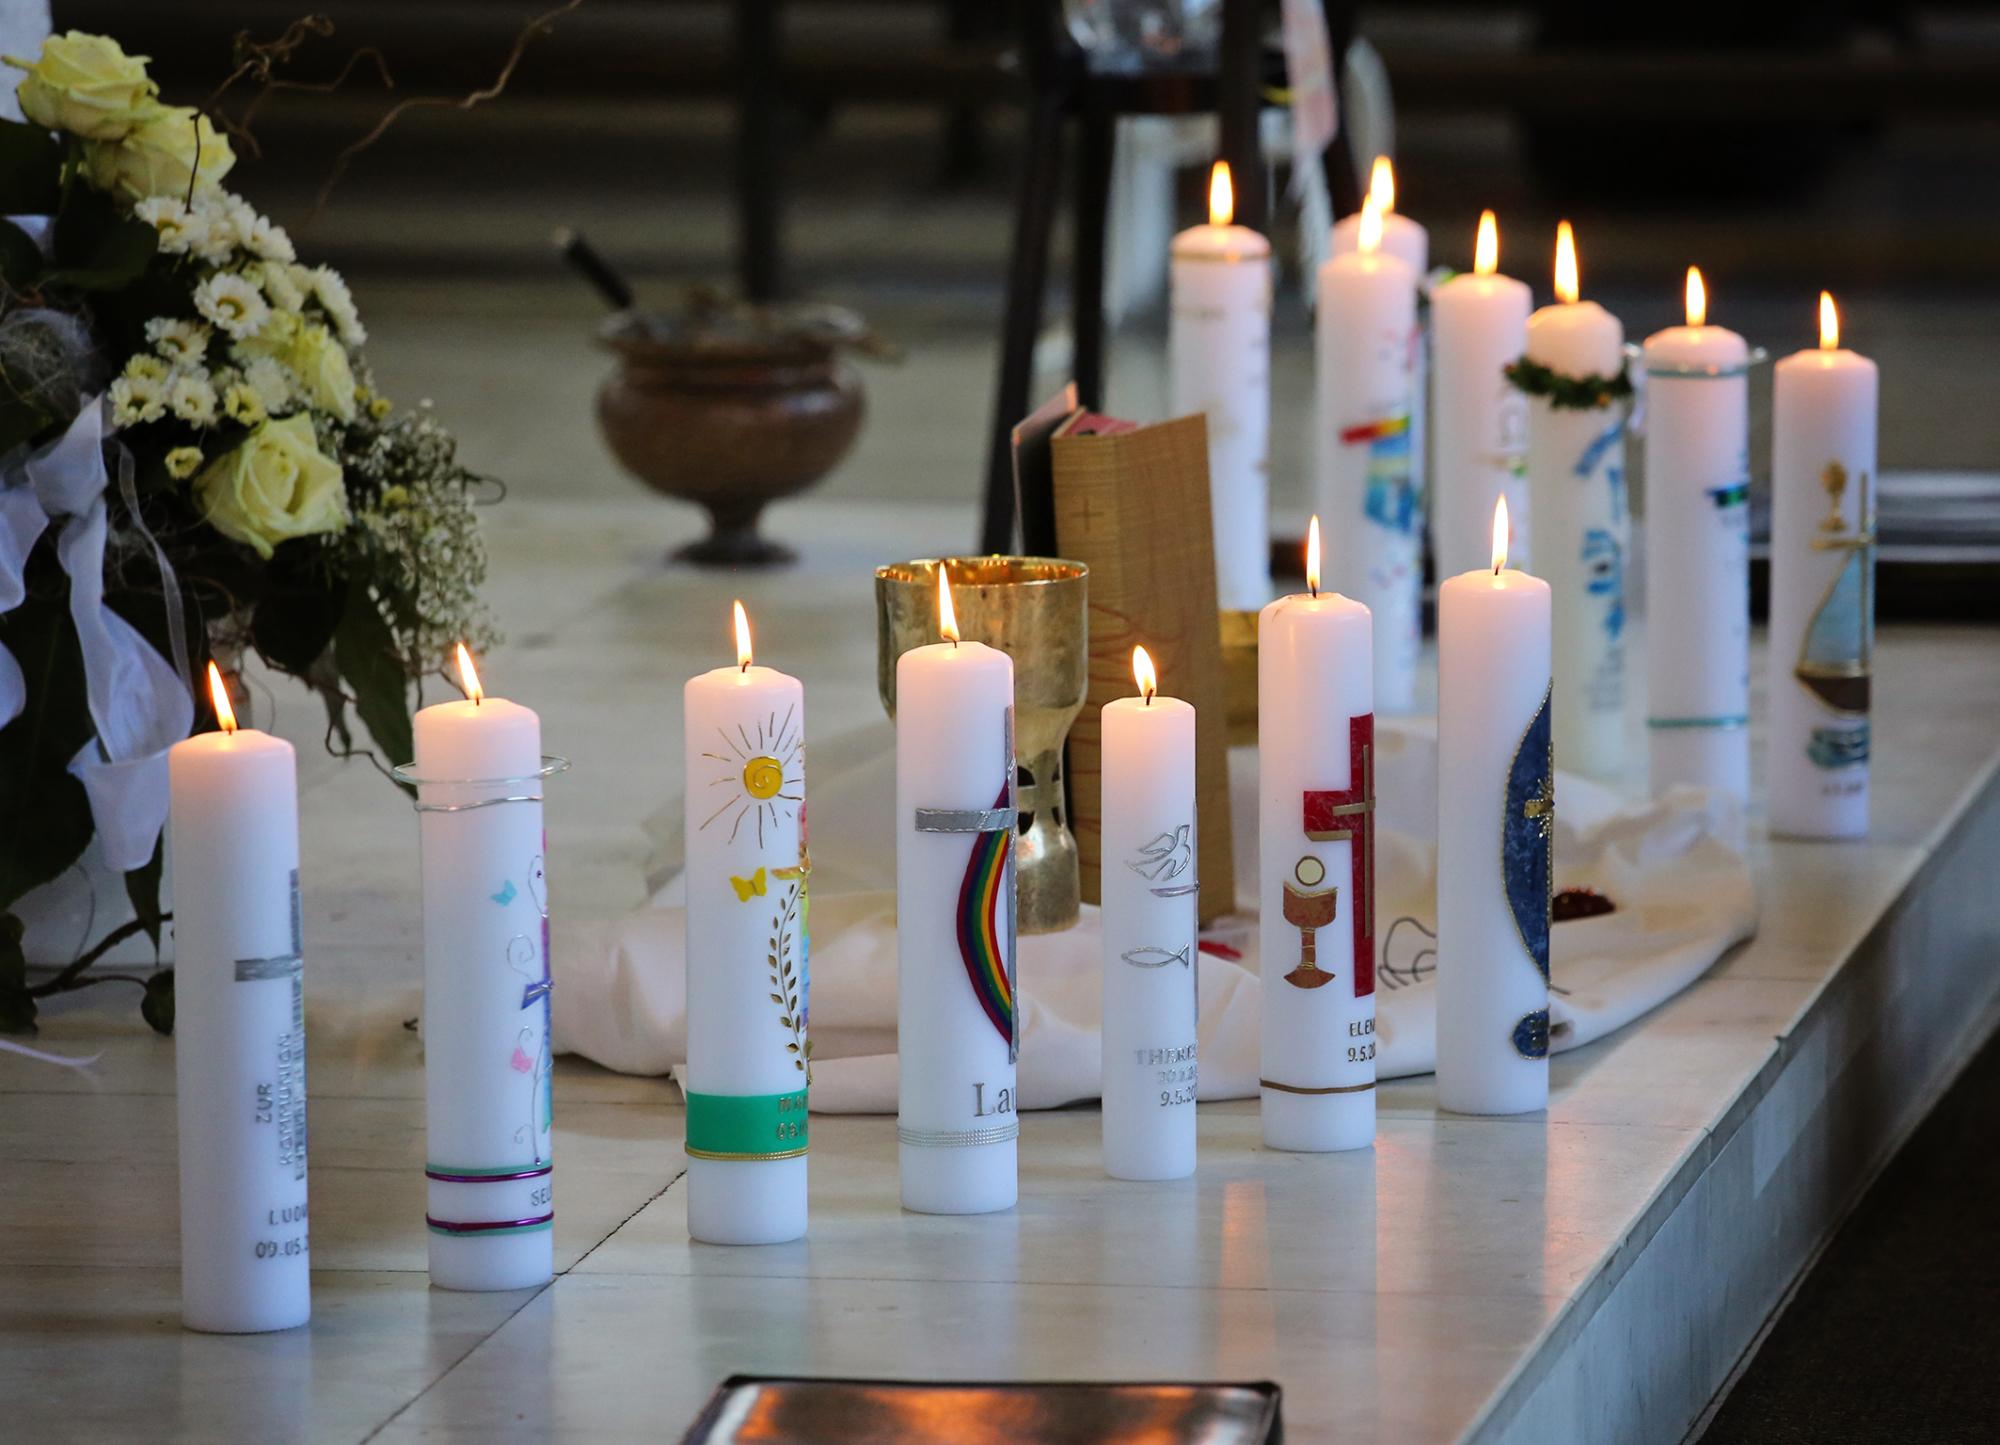 2021 Erstkommunion 3 Kommunionkerzen Dreifaltigkeit